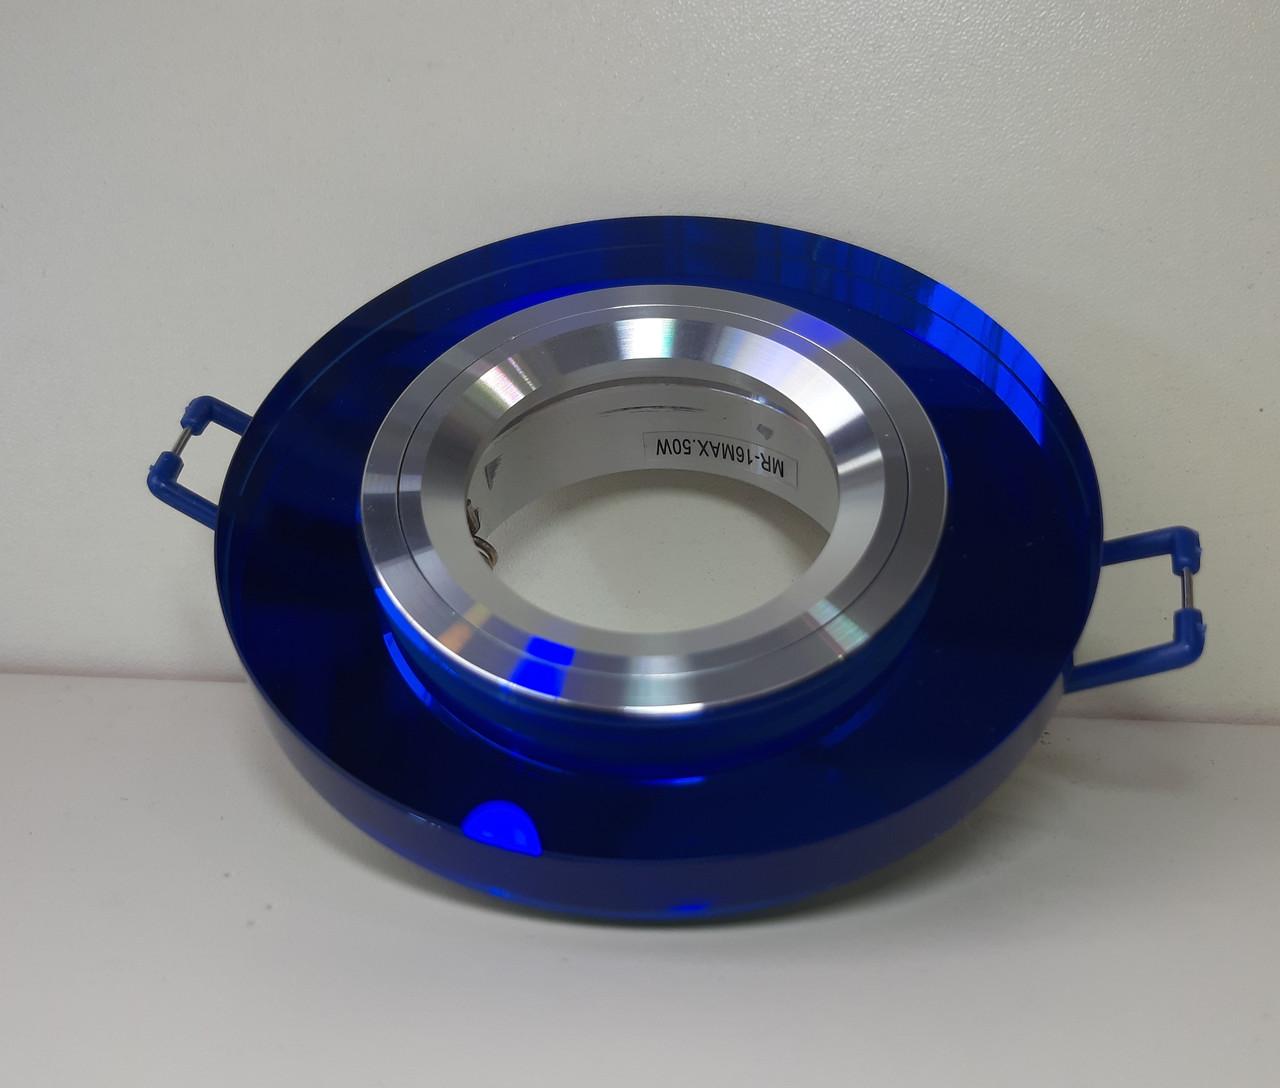 Точечный встраиваемый светильник под лампу  MR16 HDL008 потолочный стекло (синий) круг